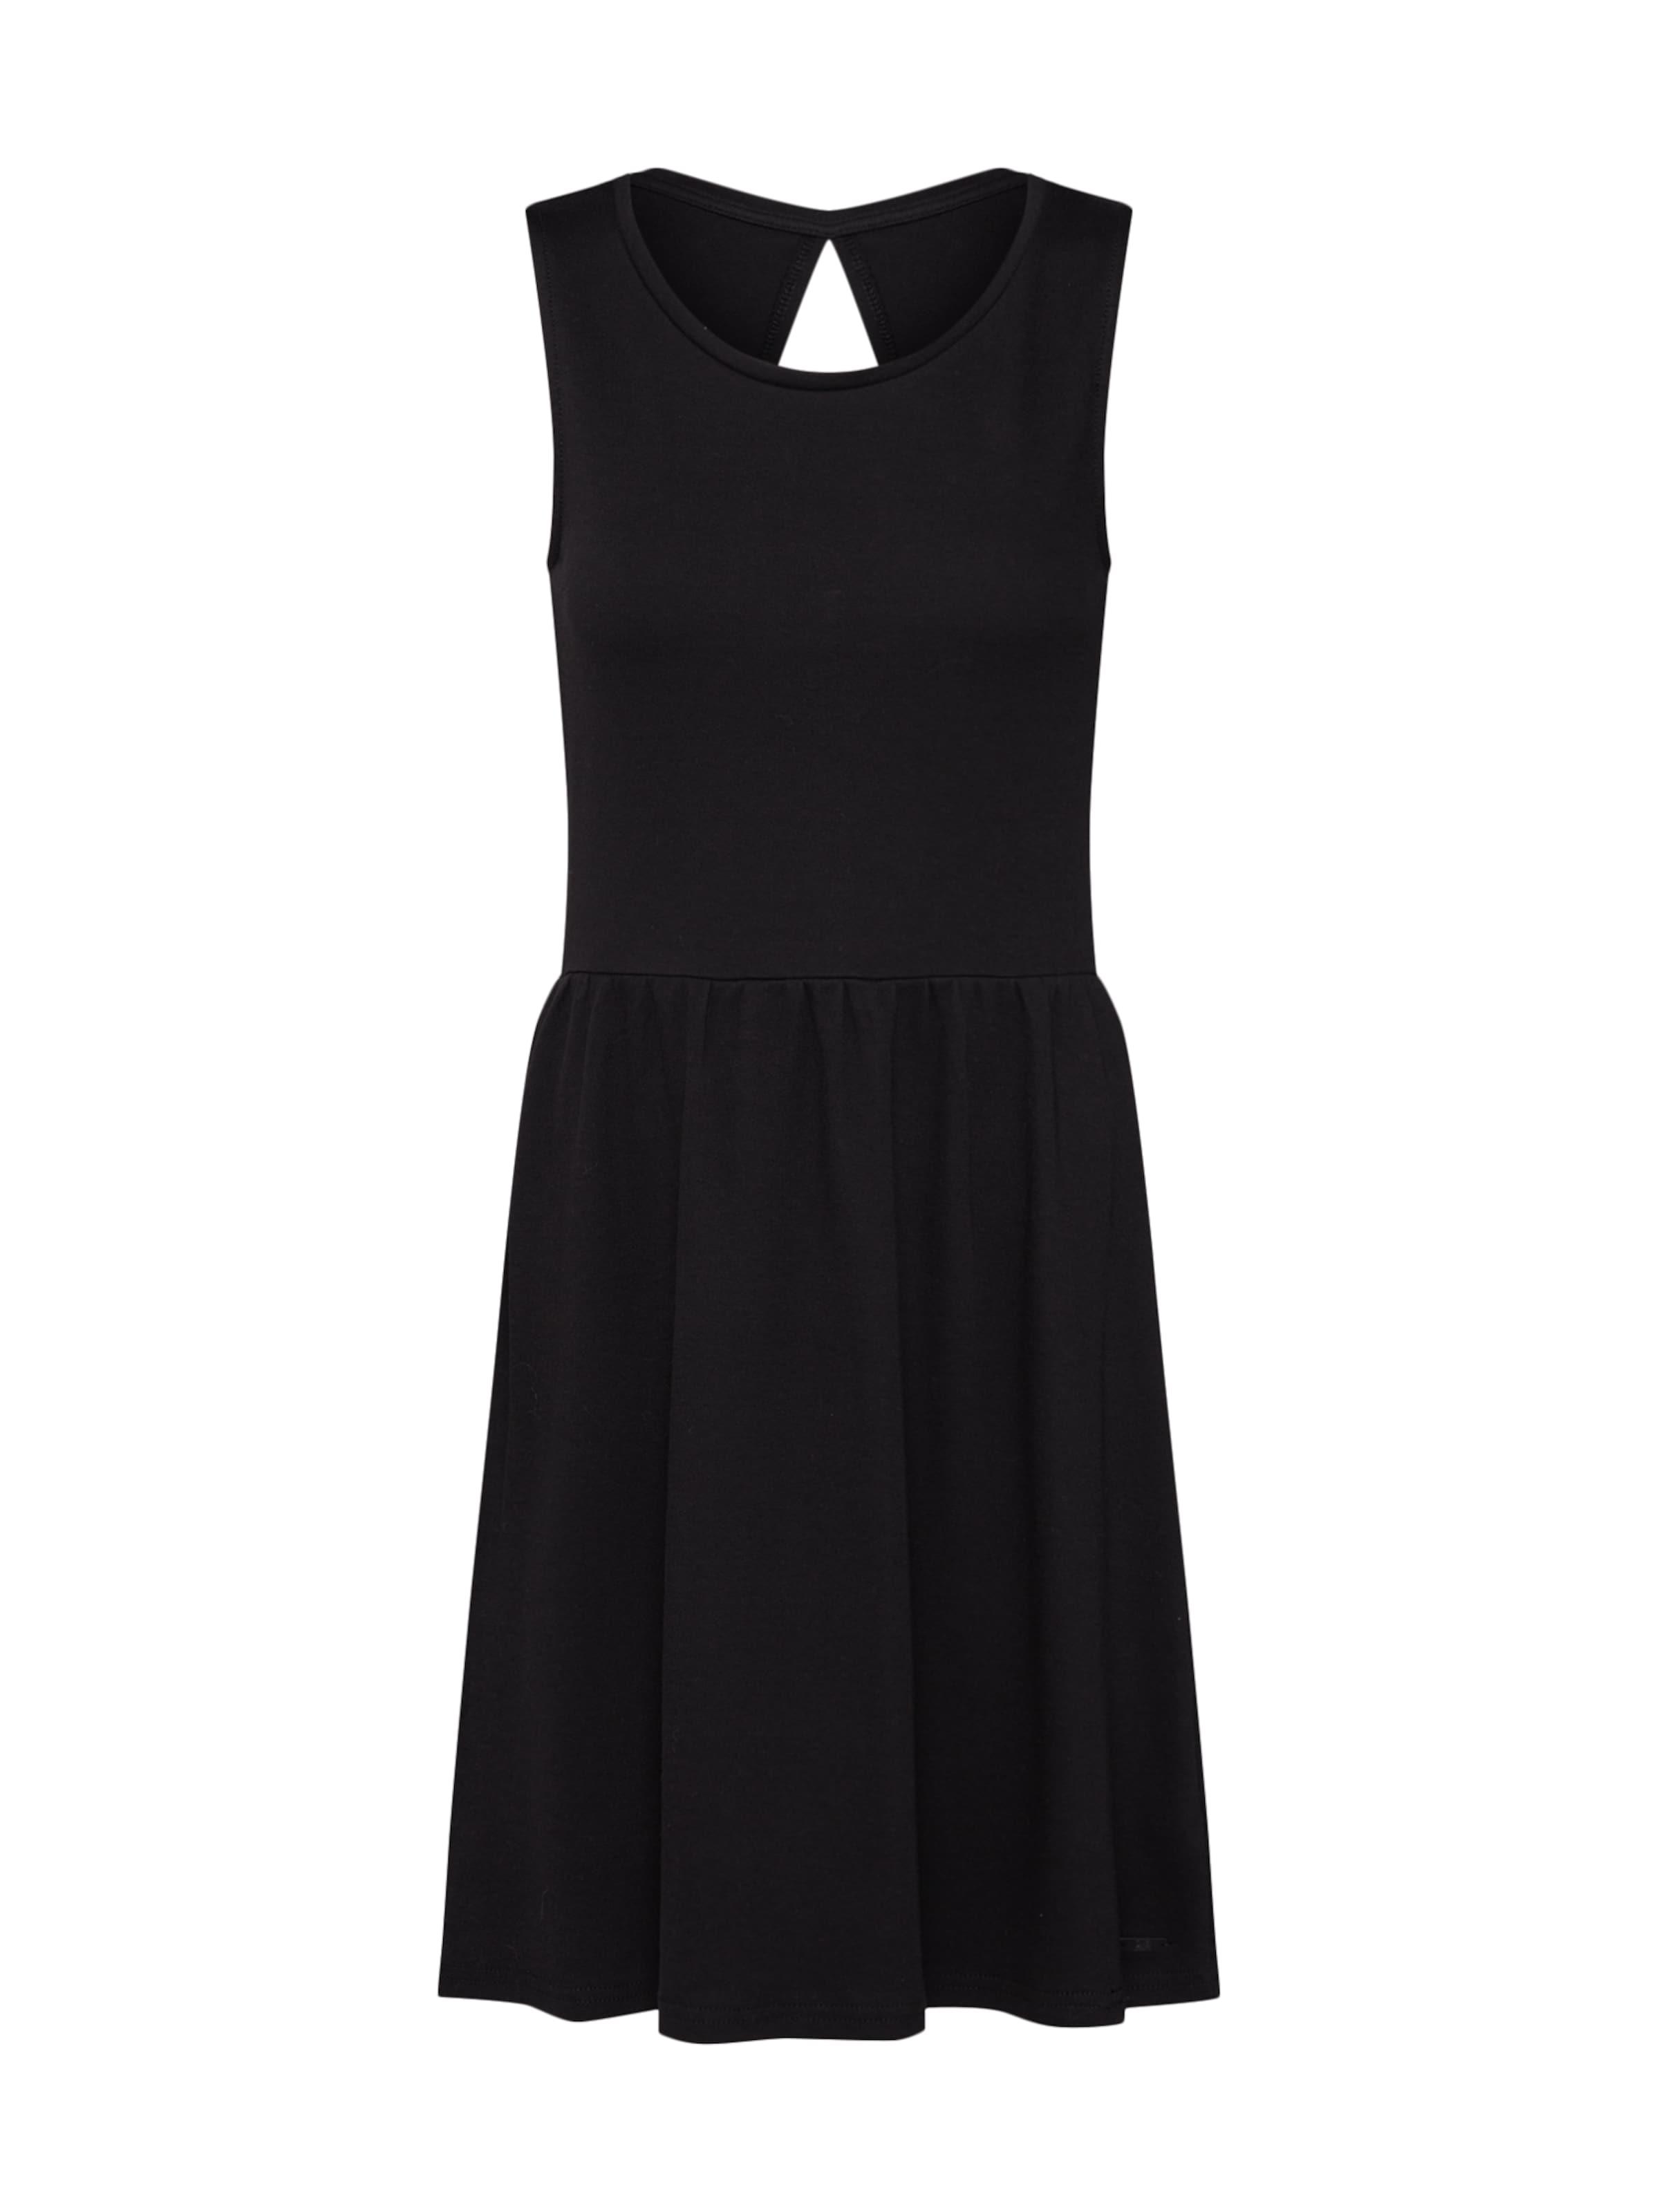 En Noir Robe By s Q D'été Designed RLjSc4A35q